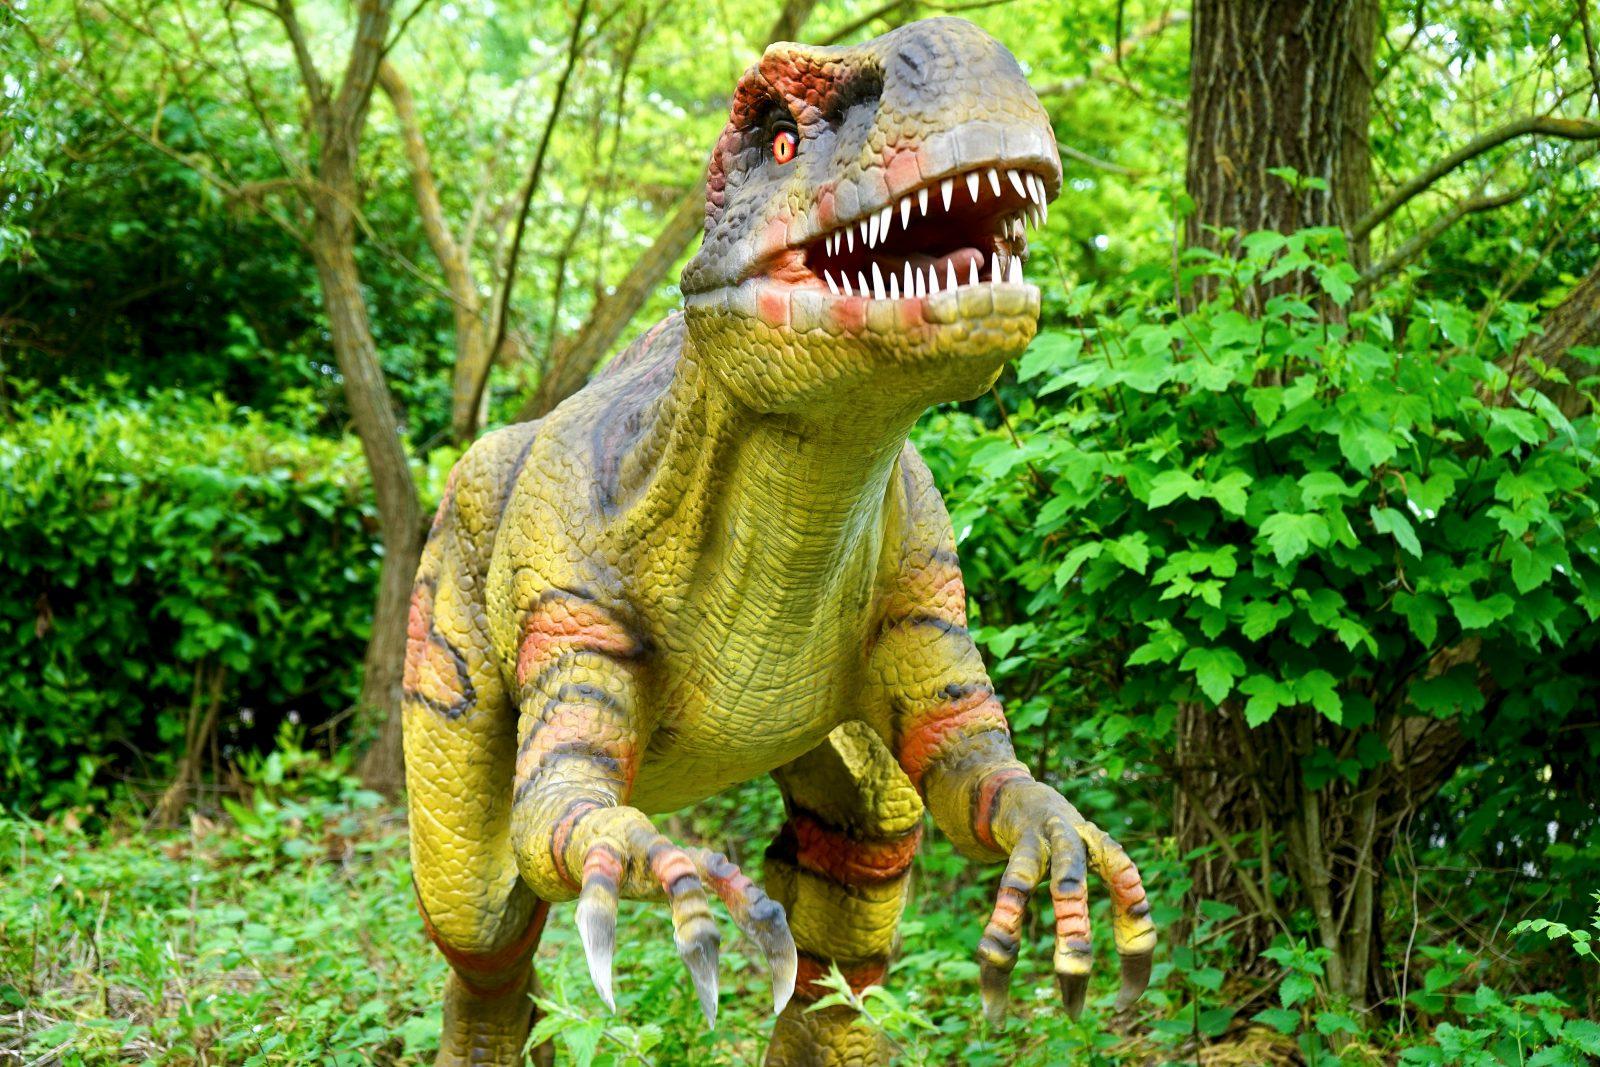 Dinossauros são animais extintos impressionantes.